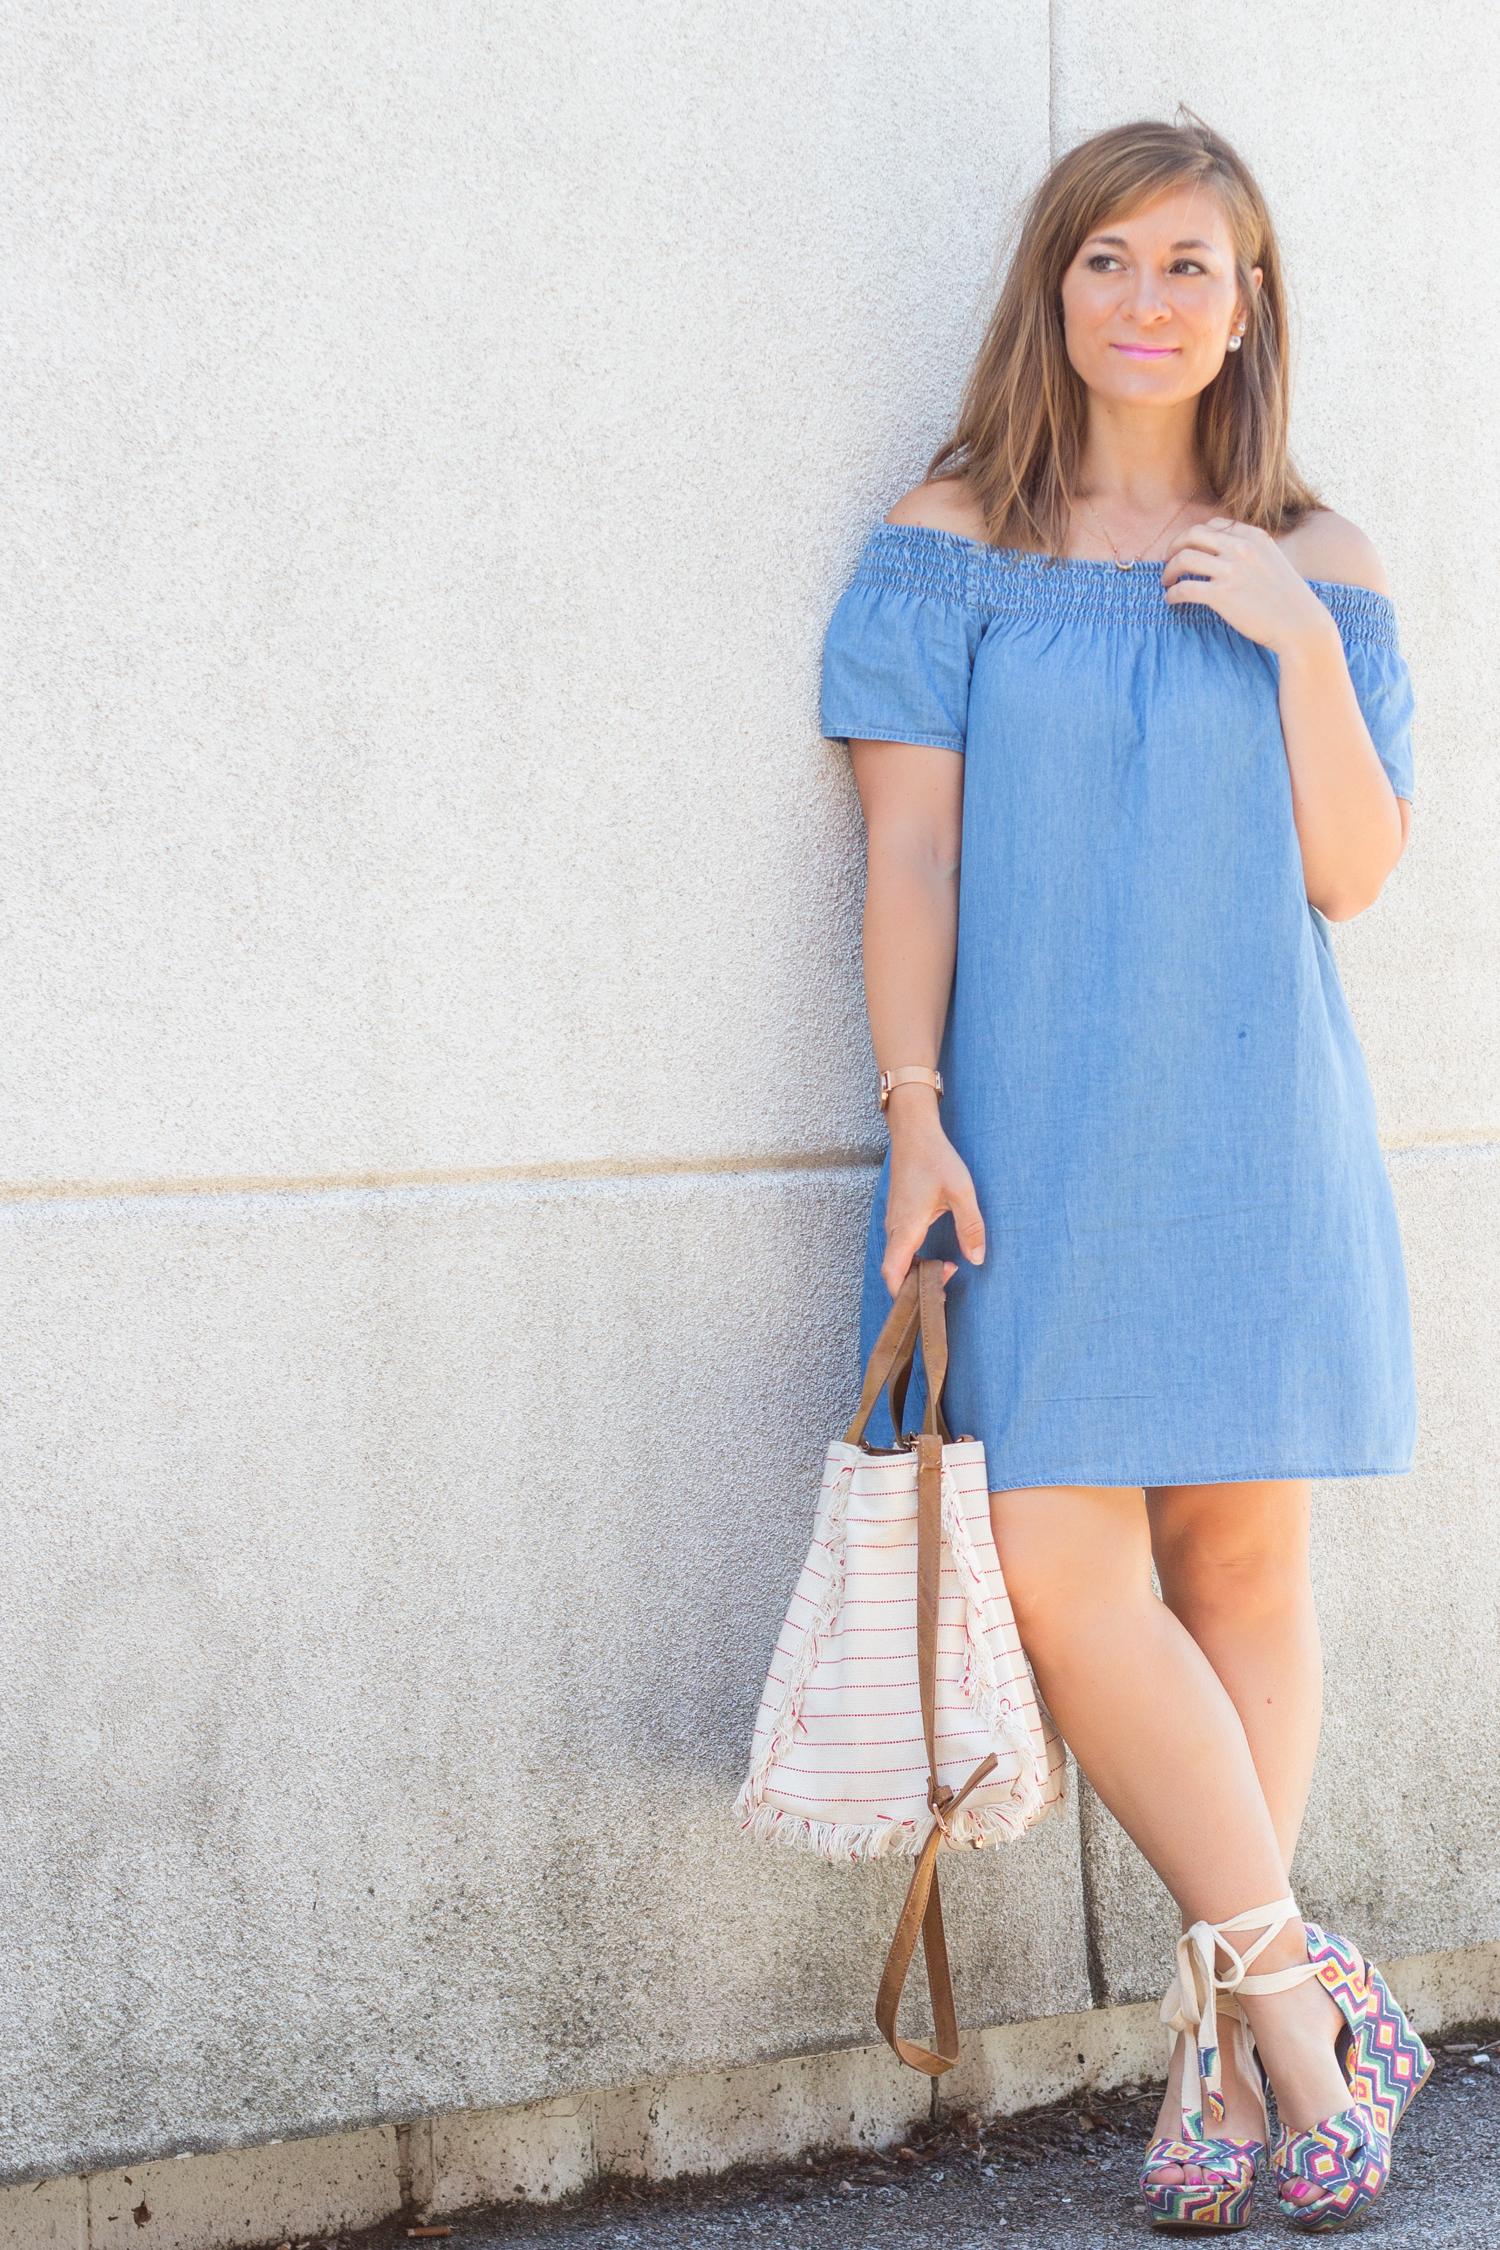 Cute Dress for Summer